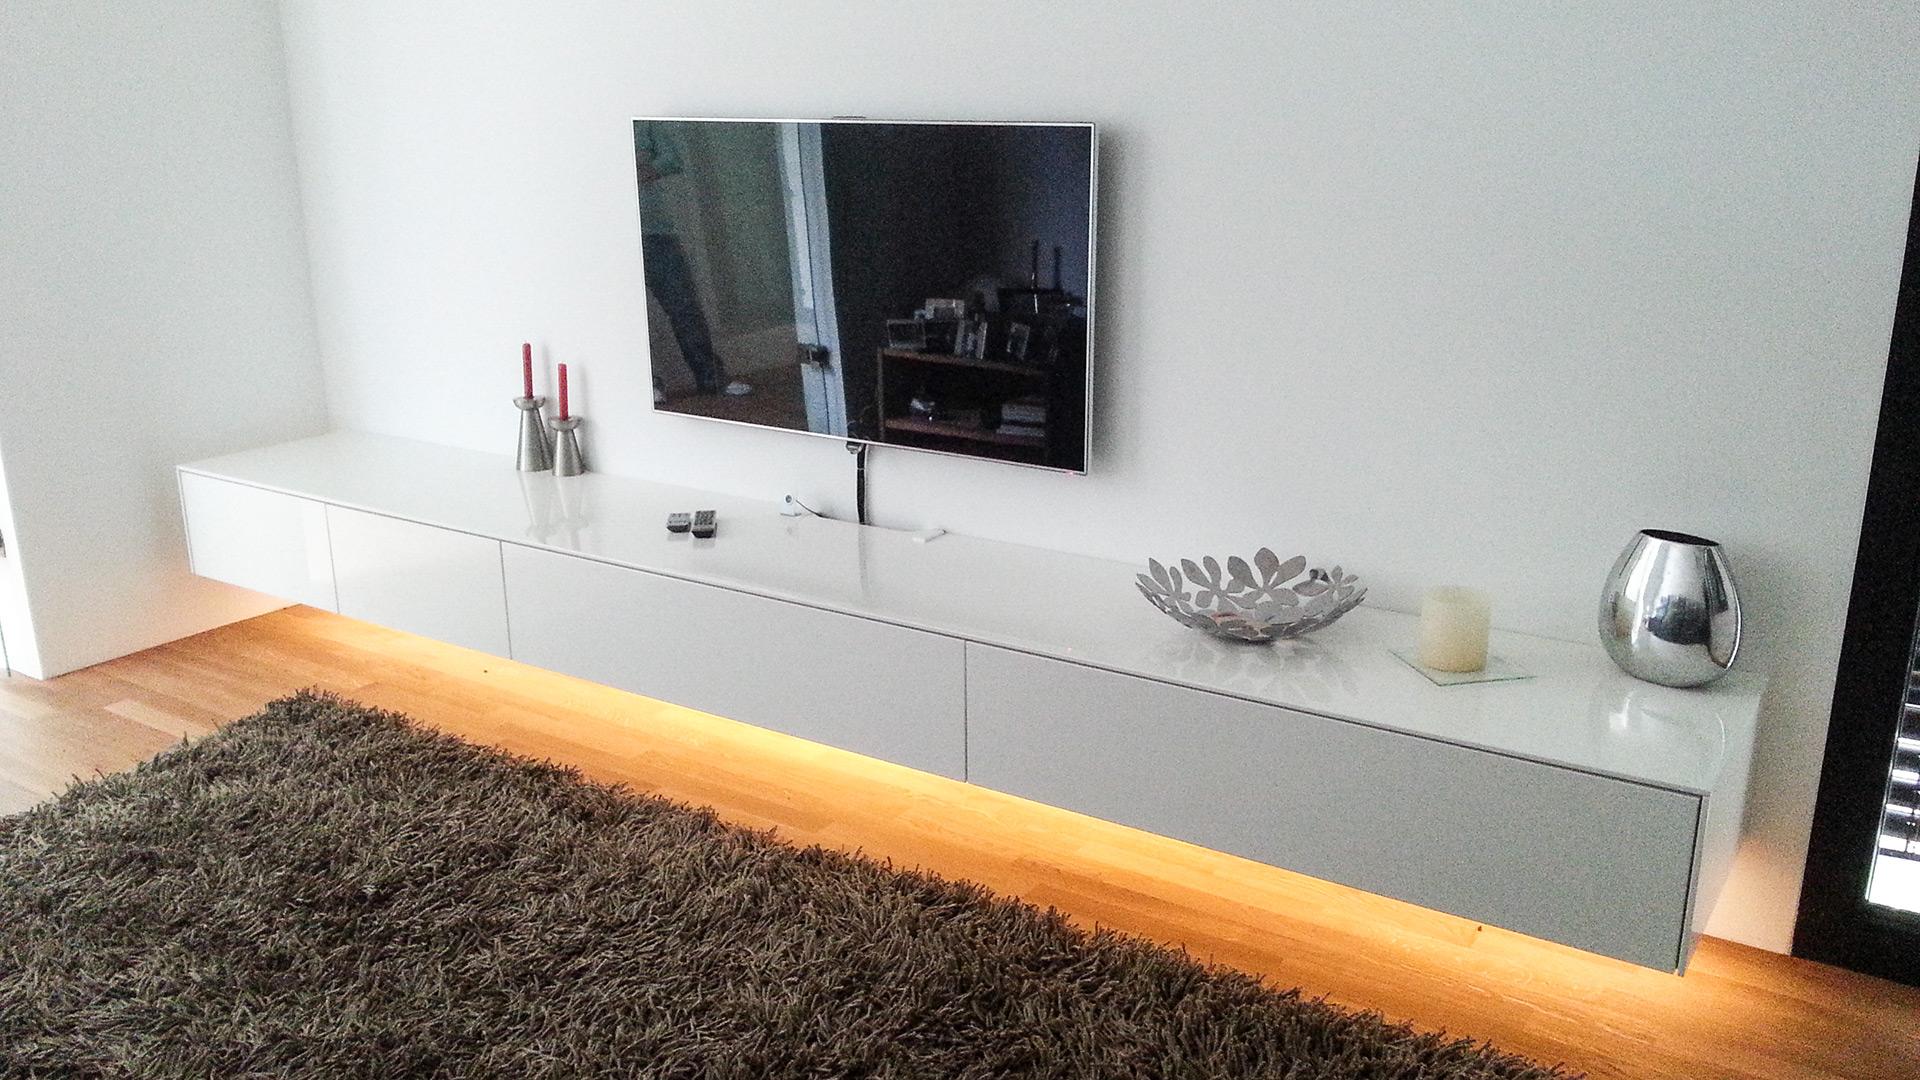 Schwebendes Mediamöbel mit indirekter Beleuchtung auf der Unterseite